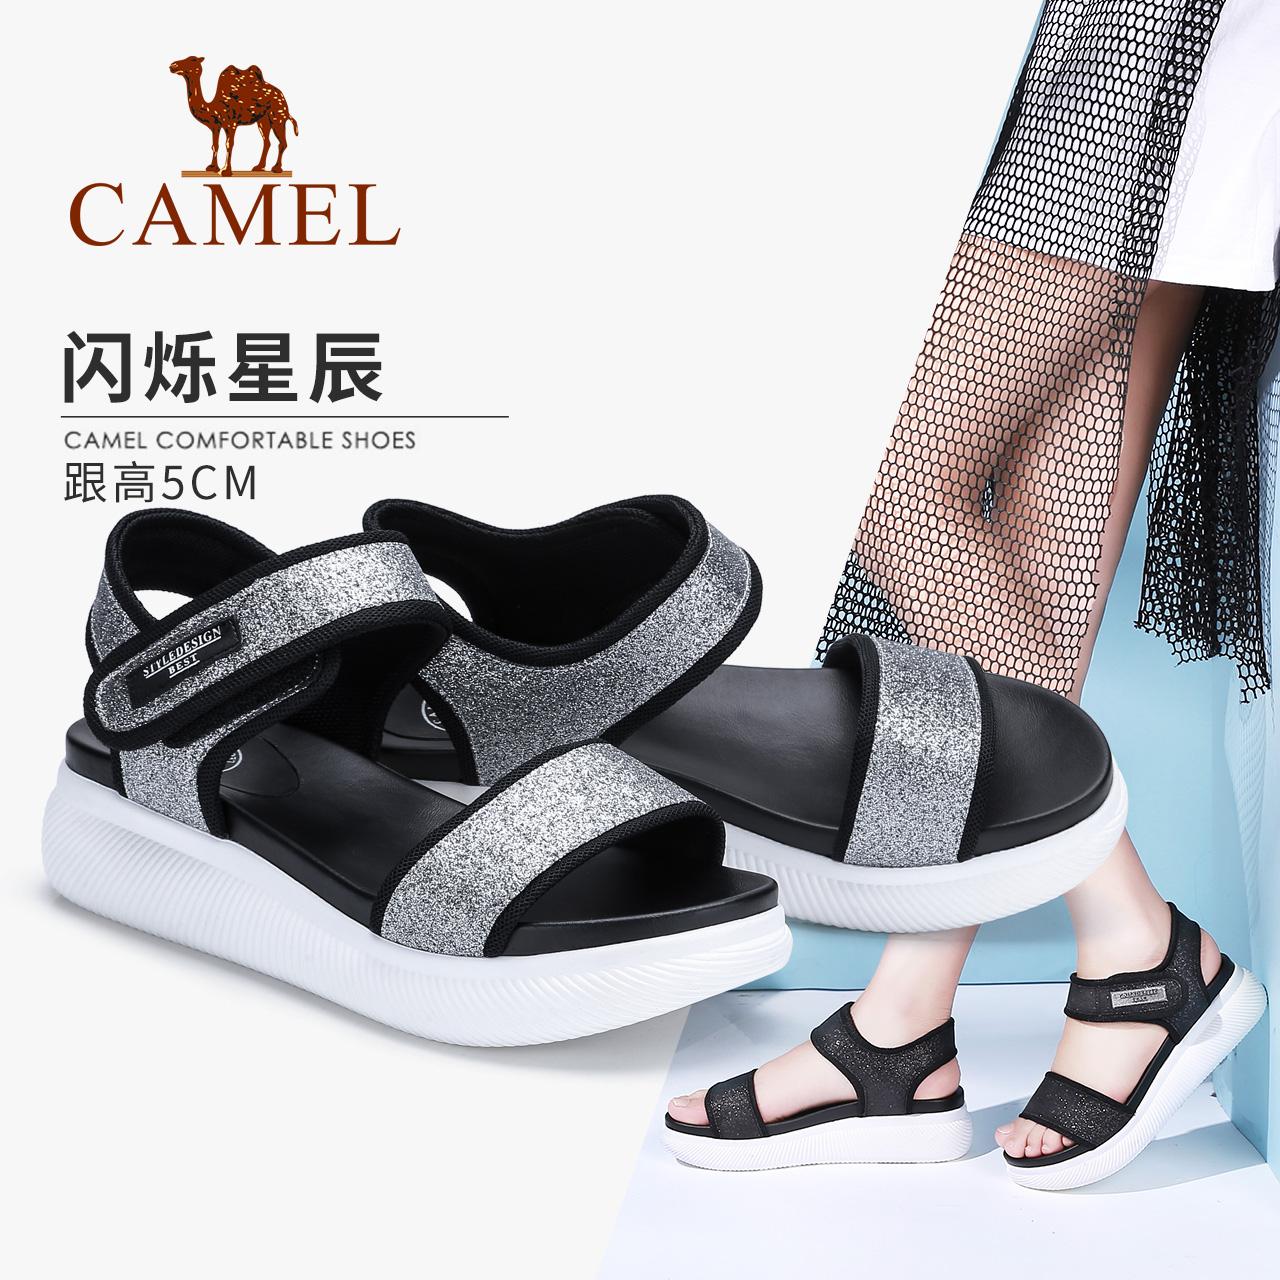 骆驼女鞋2018夏新款软妹平底松糕凉鞋厚底韩版百搭原宿风学生鞋子